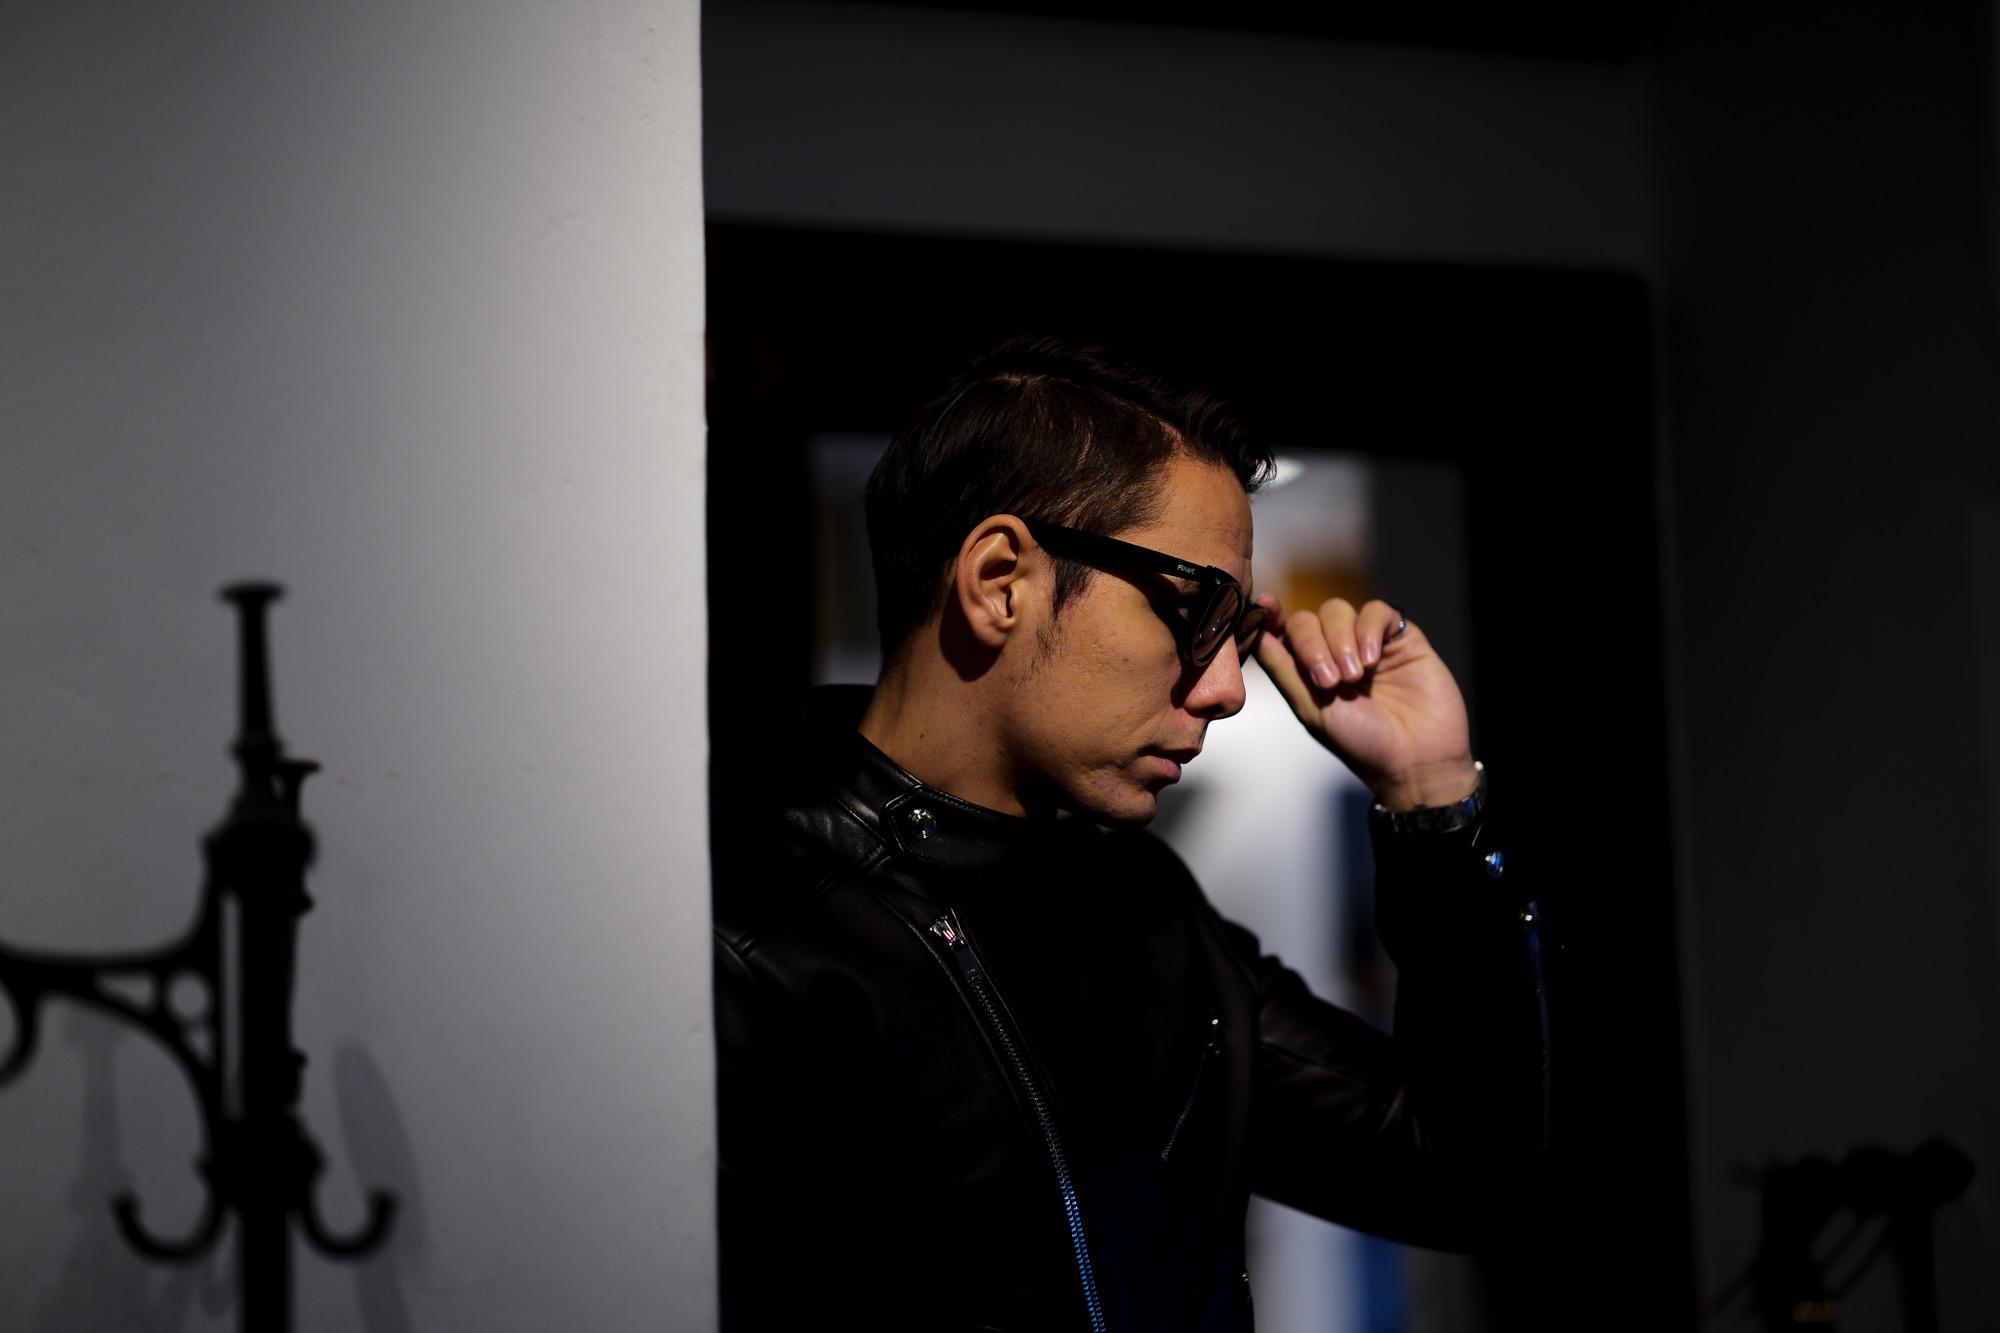 FIXER(フィクサー) BLACK PANTHER(ブラックパンサー) 925 STERLING SILVER サングラス BLACK × BLACK SMOKE (ブラック×ブラックスモーク),BLACK × LIGHT GRAY (ブラック×ライトグレー)【ご予約開始】愛知 名古屋 Alto e Diritto アルトエデリット 眼鏡 グラサン 925スターリングシルバー スペシャルモデル sunglasses